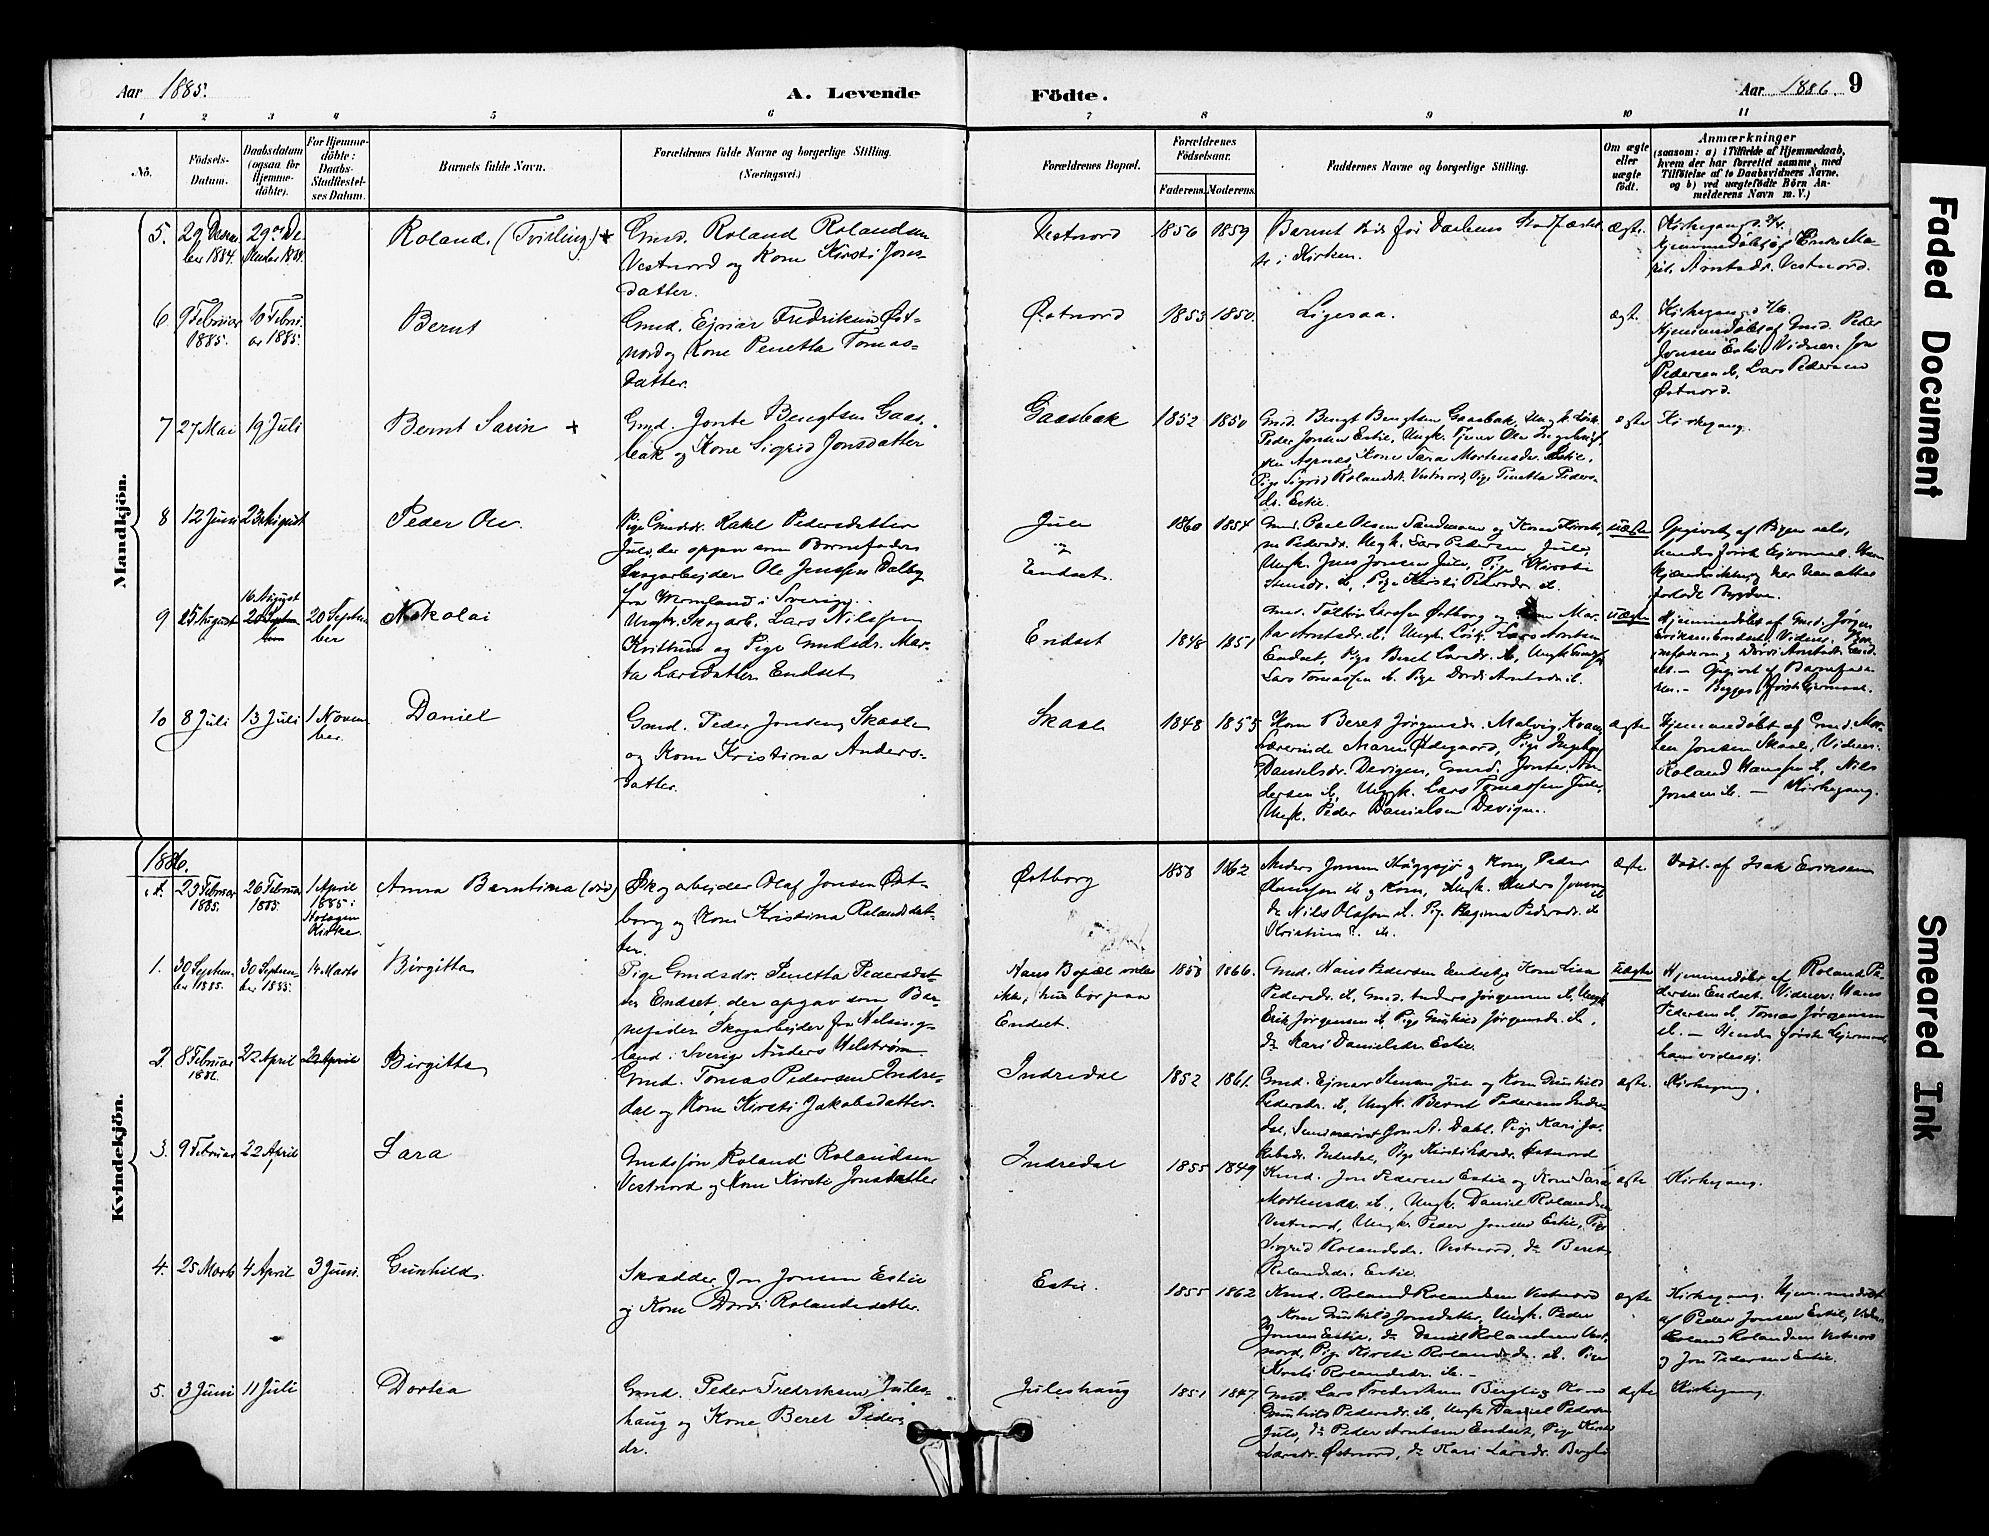 SAT, Ministerialprotokoller, klokkerbøker og fødselsregistre - Nord-Trøndelag, 757/L0505: Ministerialbok nr. 757A01, 1882-1904, s. 9